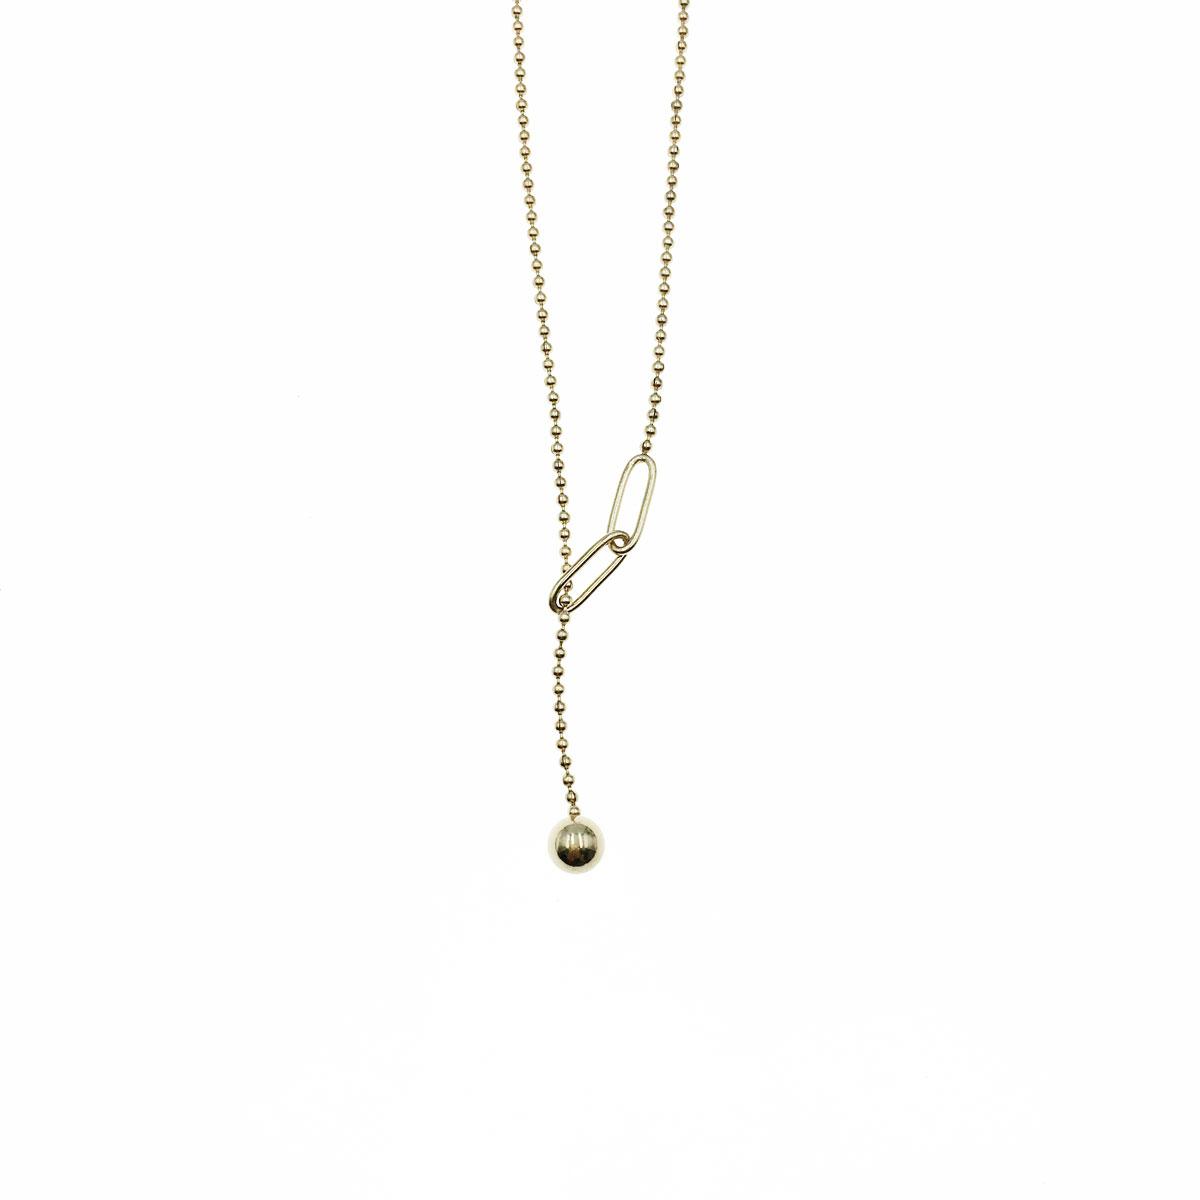 韓國 不銹鋼 球 簡約 金屬感 鎖骨鍊 短鍊 項鍊 飾品